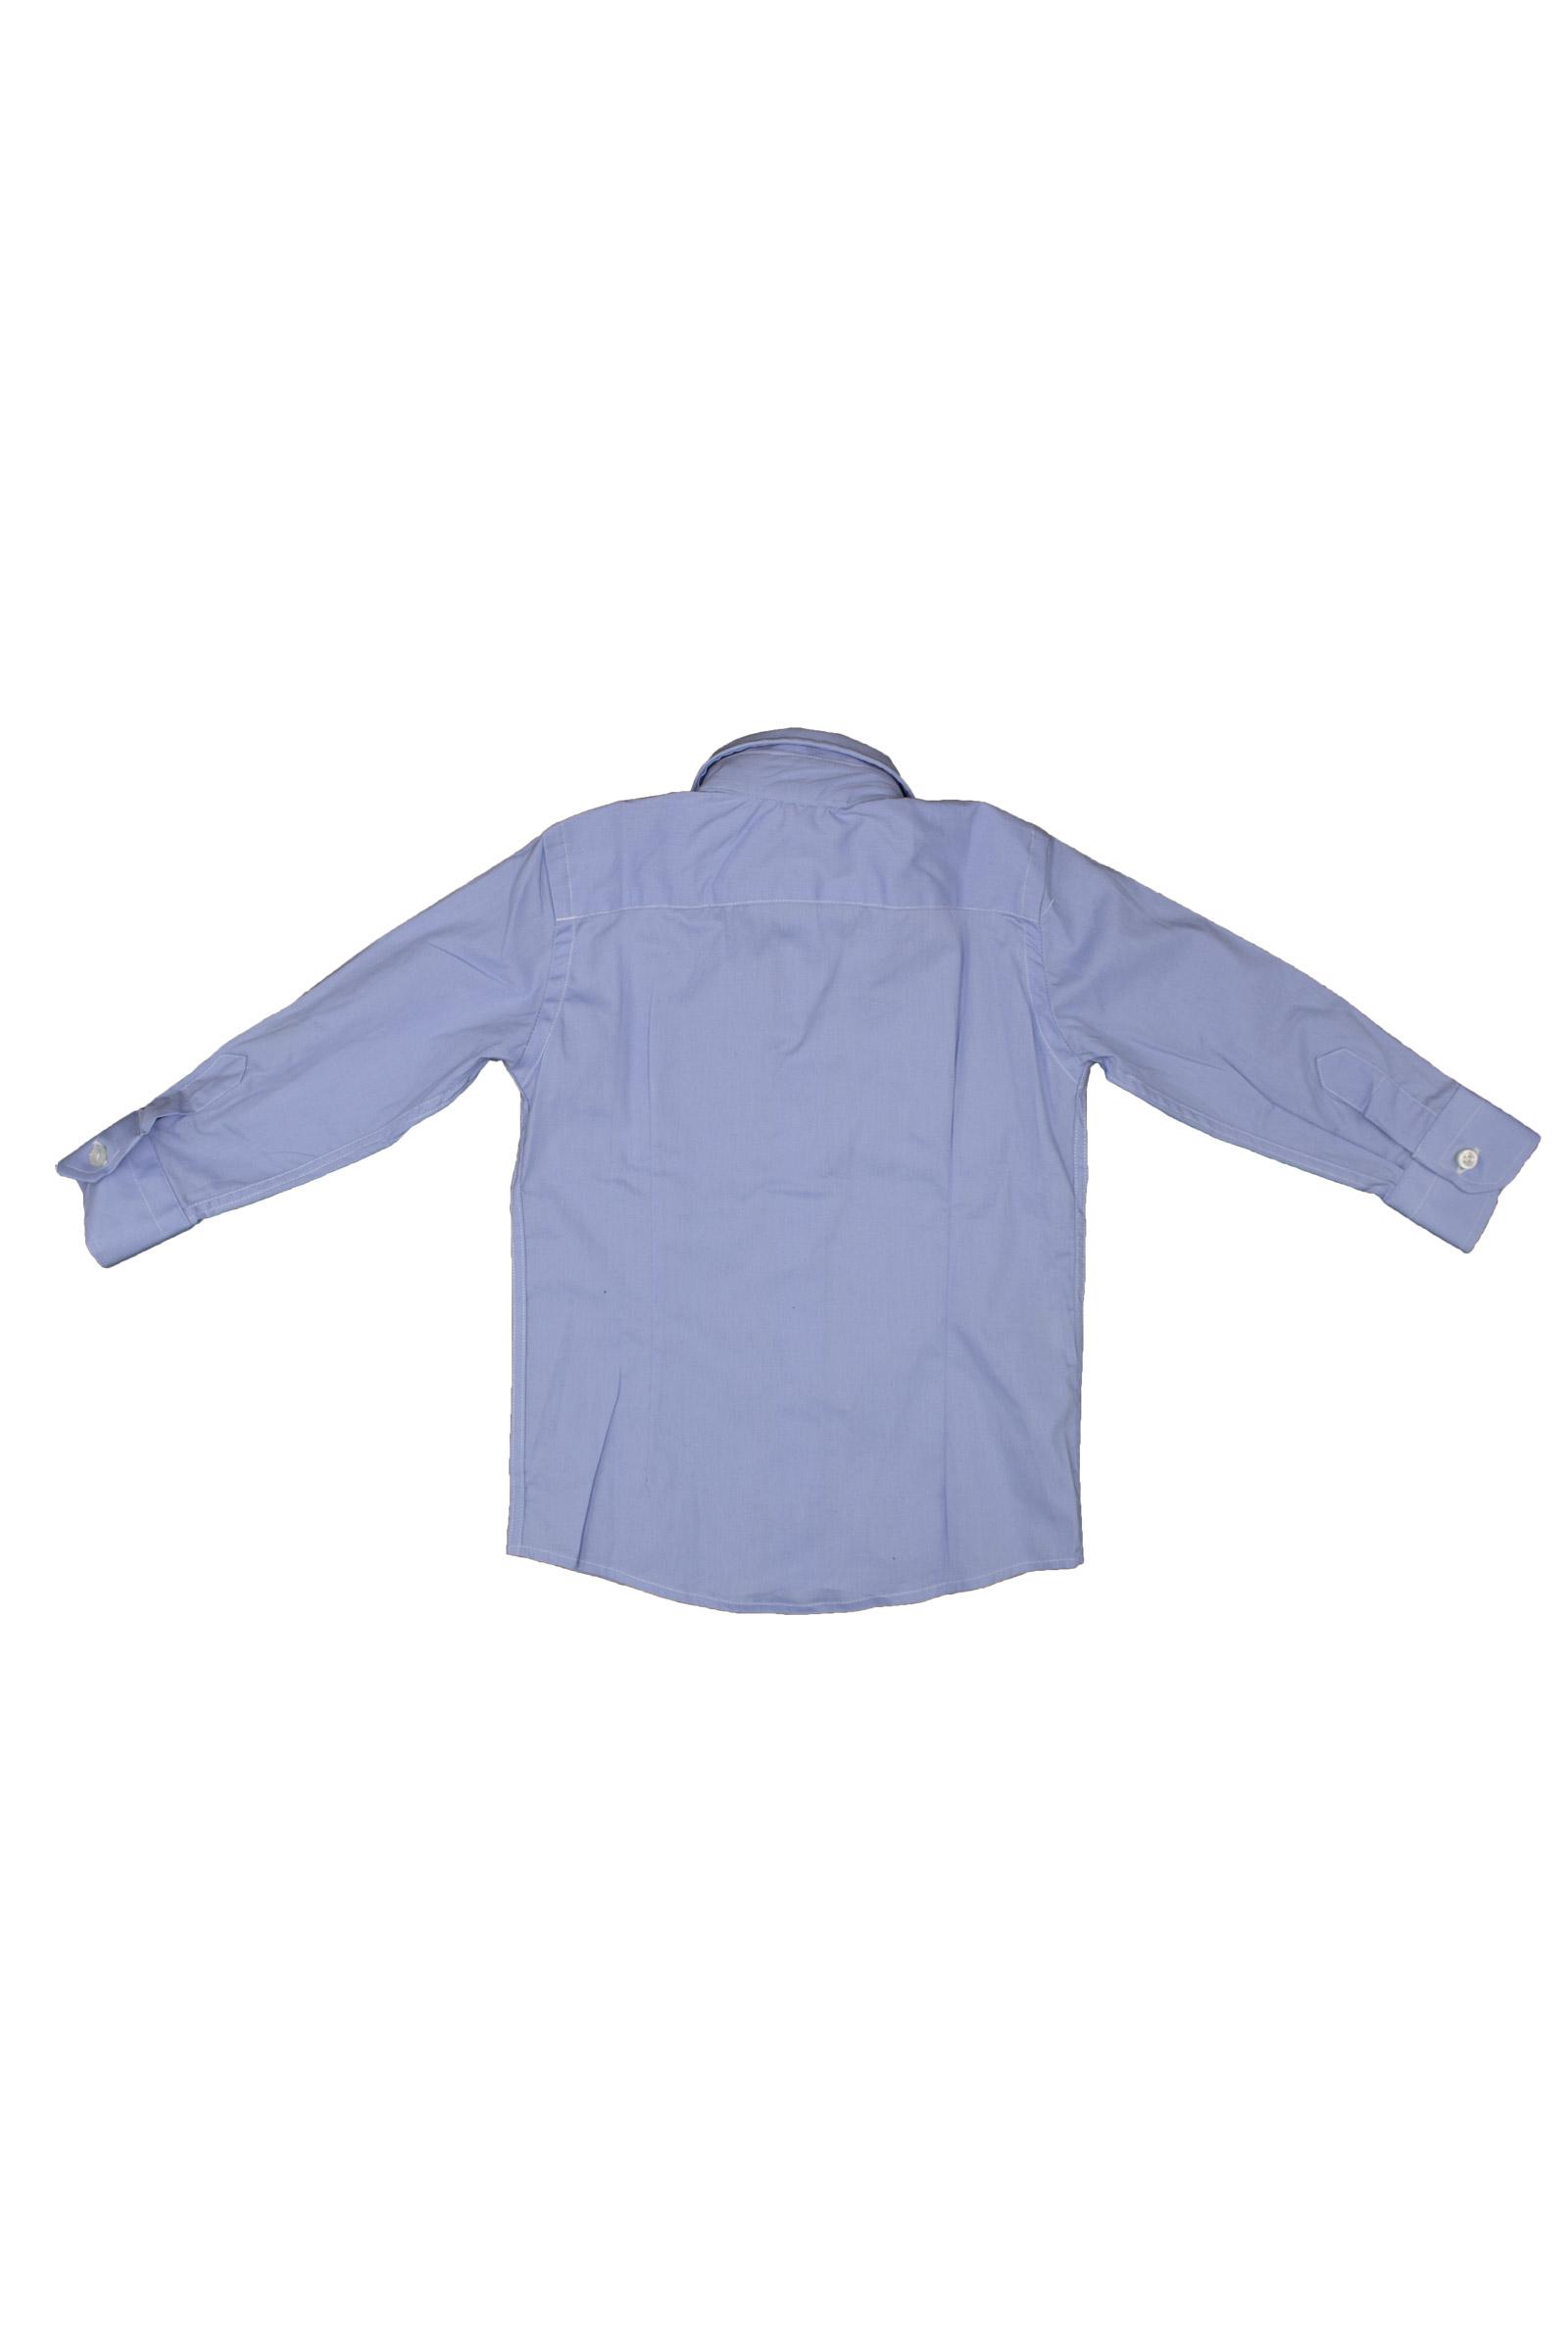 Di Biasi camicia DI BIASI | Camicia | PAPRIKA193